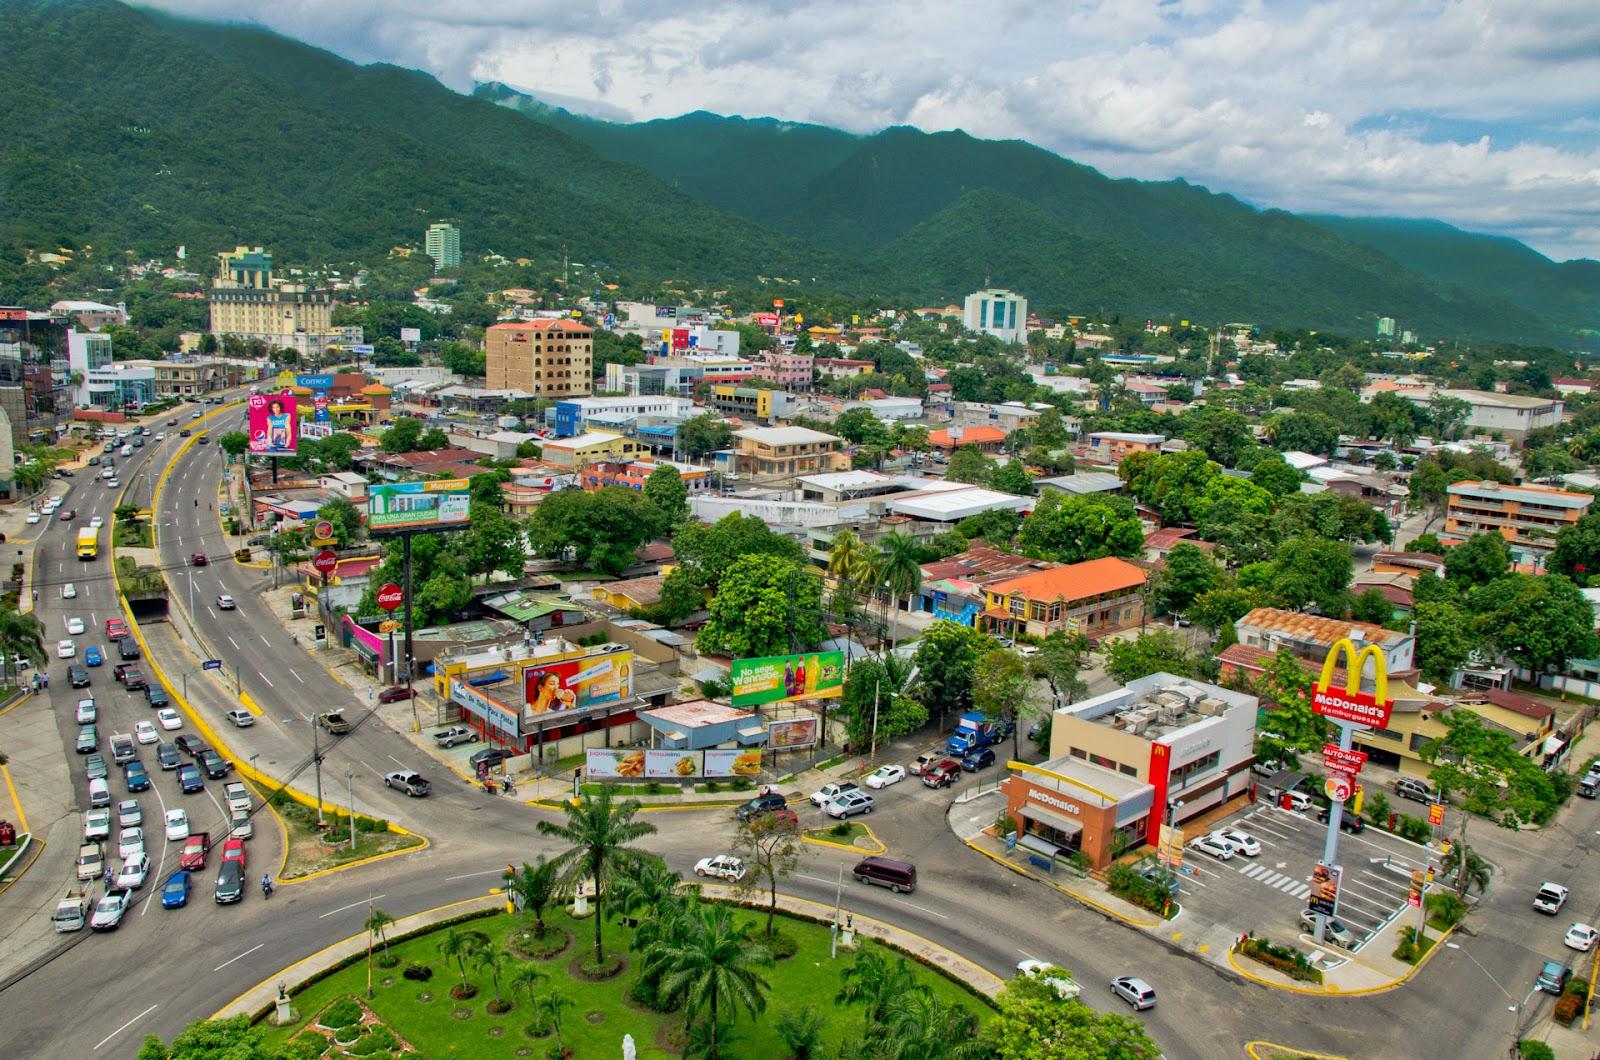 Avenida-Circunvalacion-San-Pedro-Sula-Honduras-A-Good-Base-for-Entering-Honduras